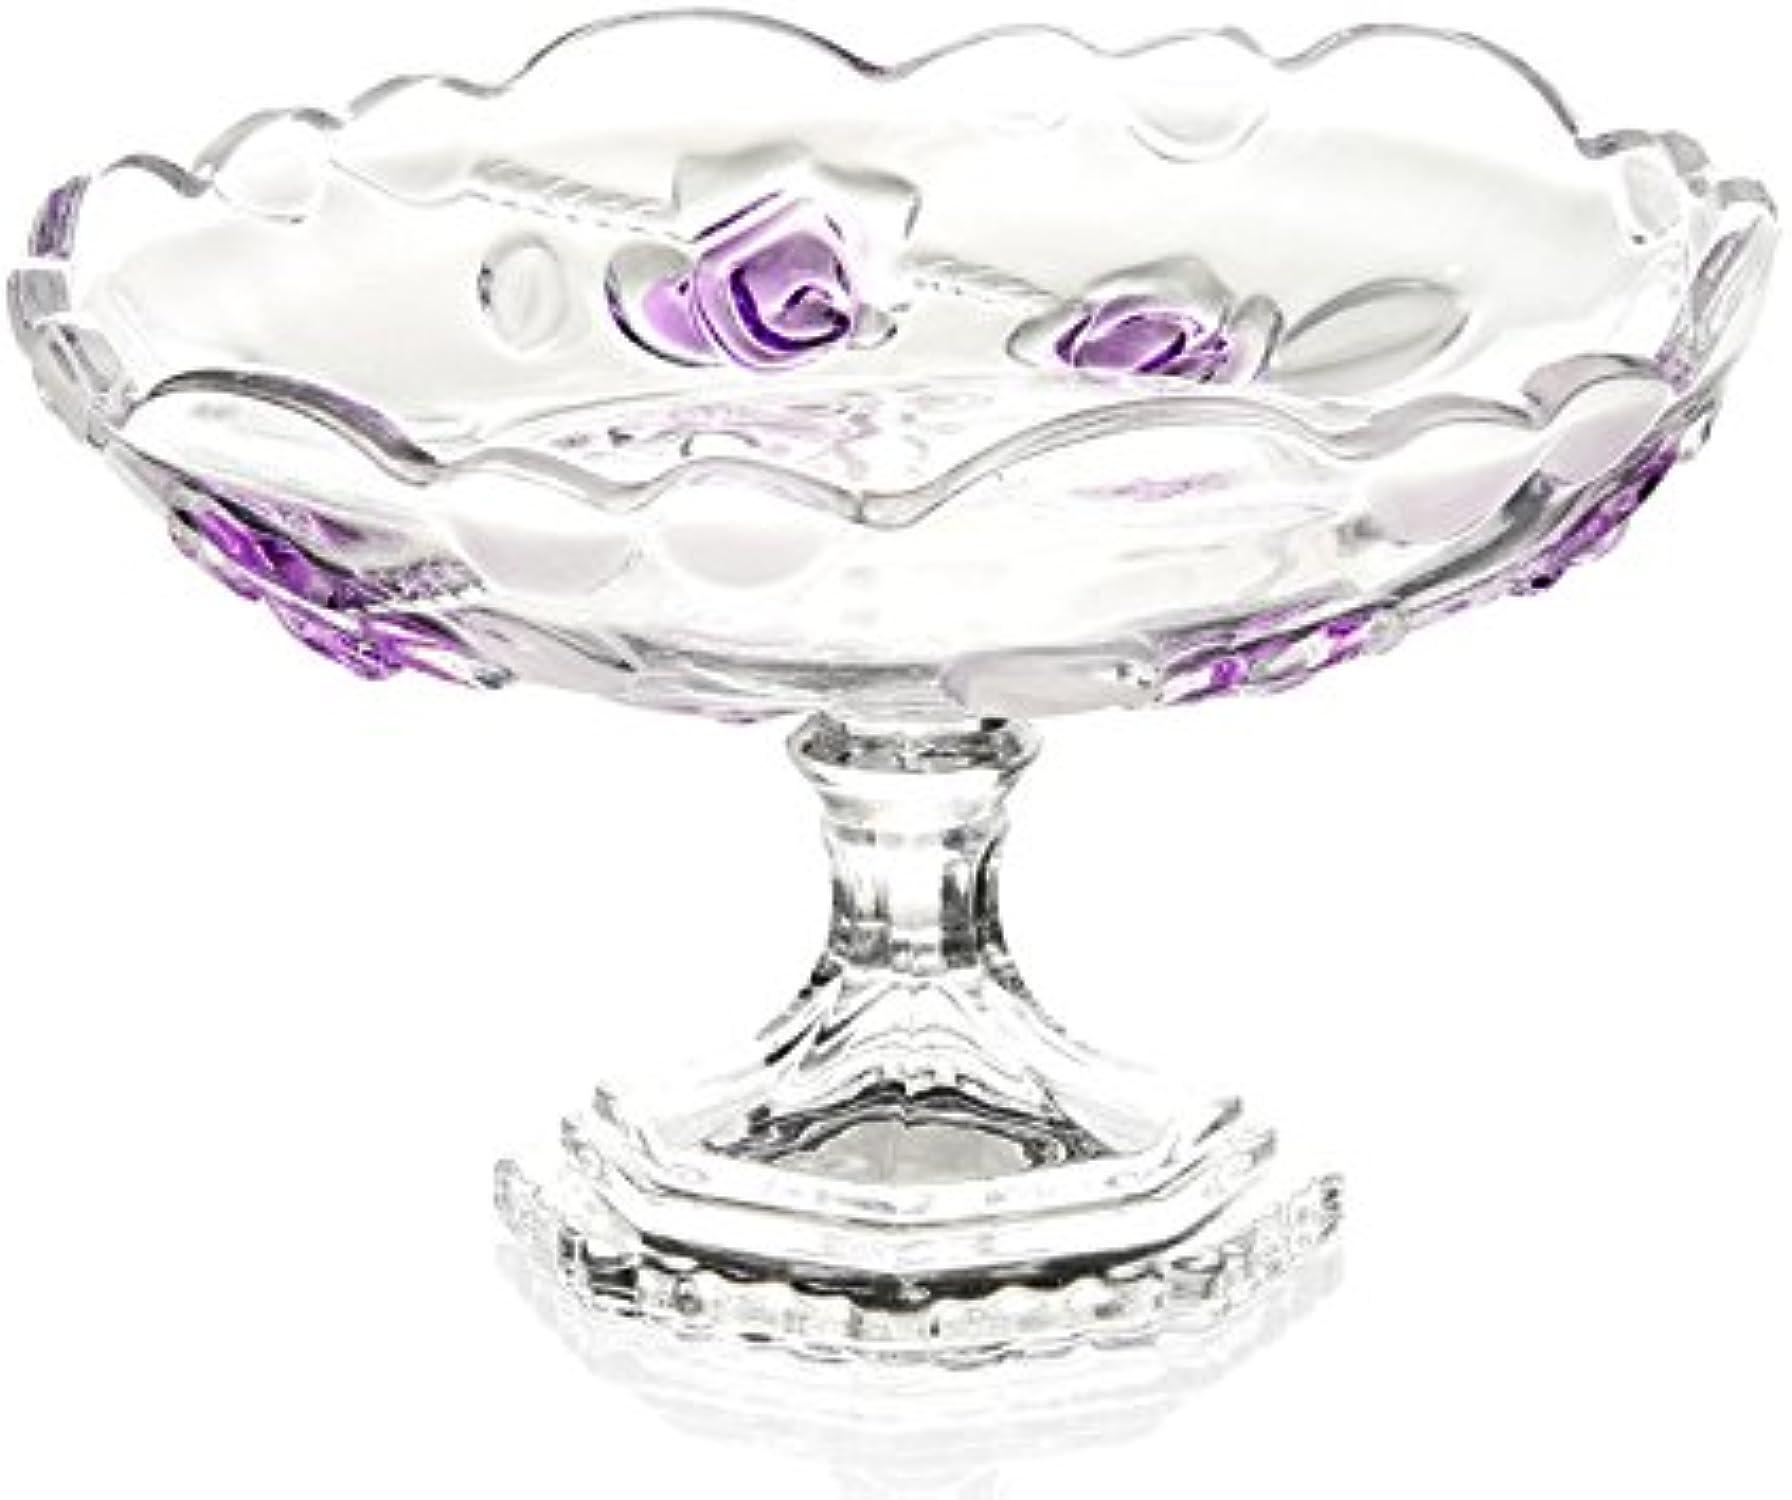 Assiettes- Plaque de verre haut de verre rose Plaque de verre haute européenne Plaque de snack Dessert Plat de fruits de mode moderne (Couleur   B)